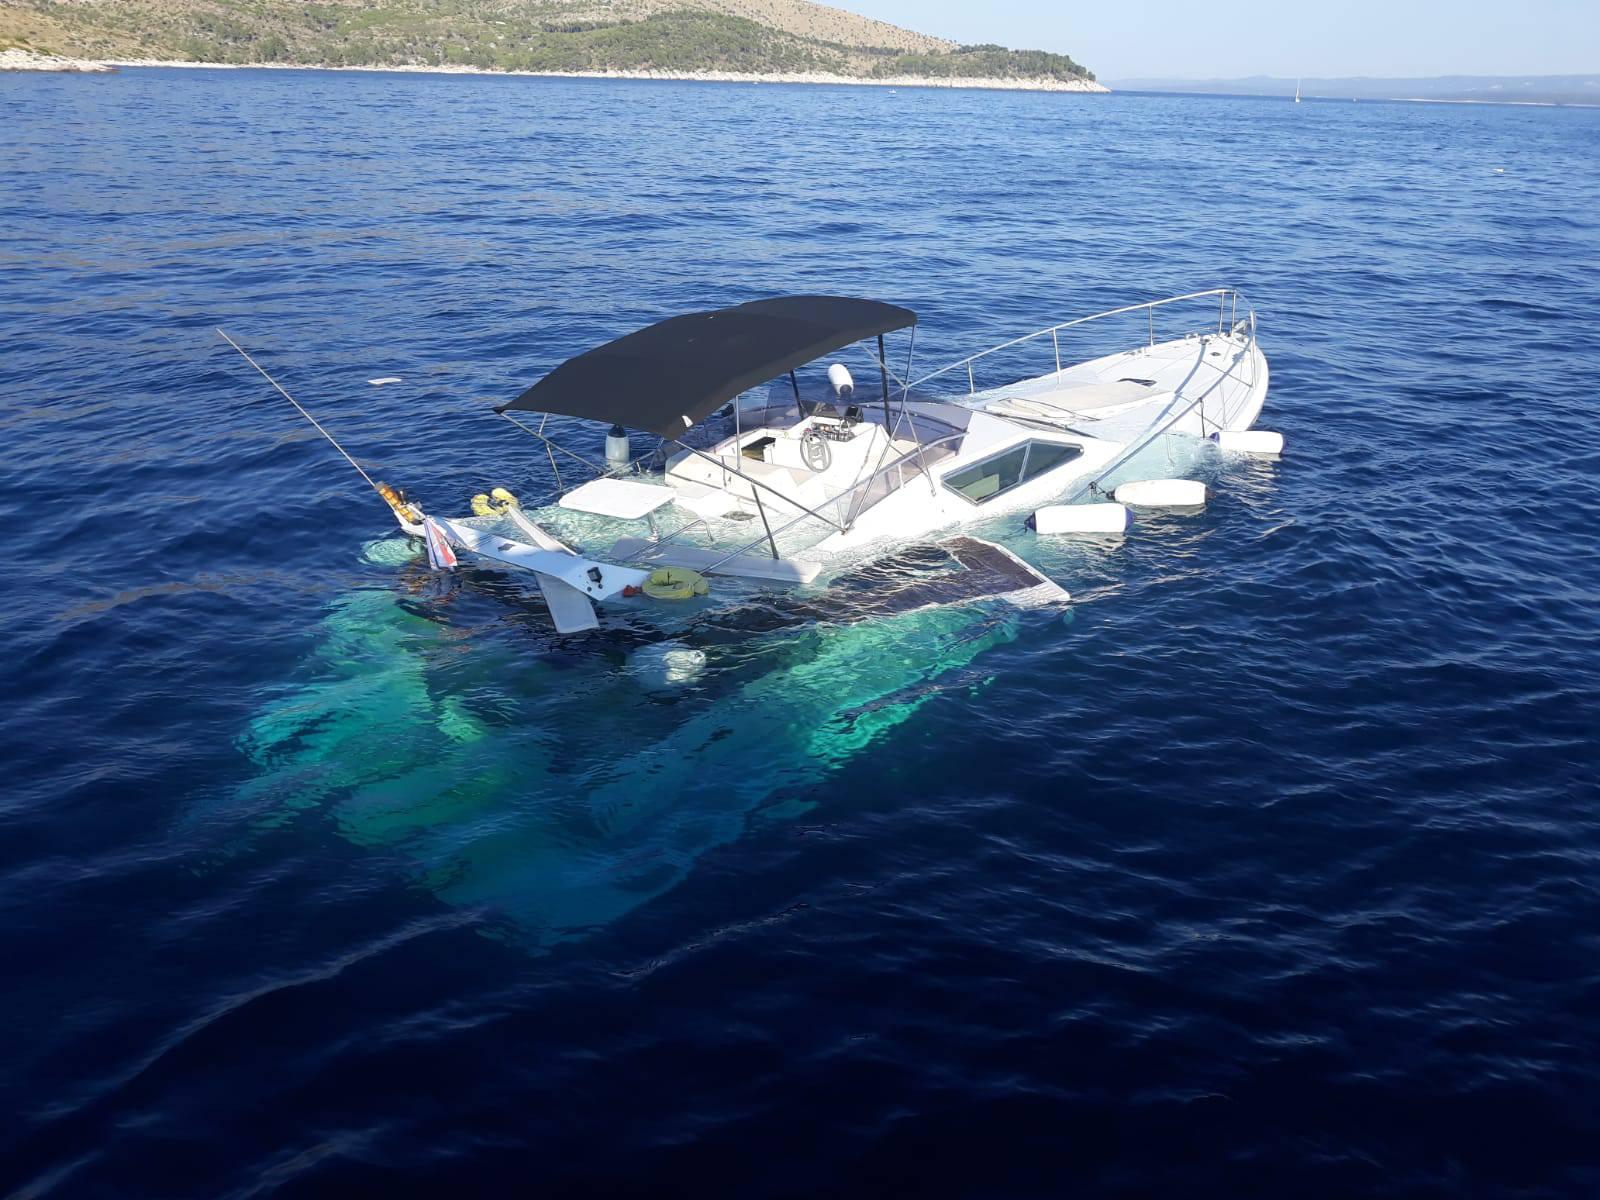 Niz nesreća na moru: Žena je pala s broda, potonula jahta...